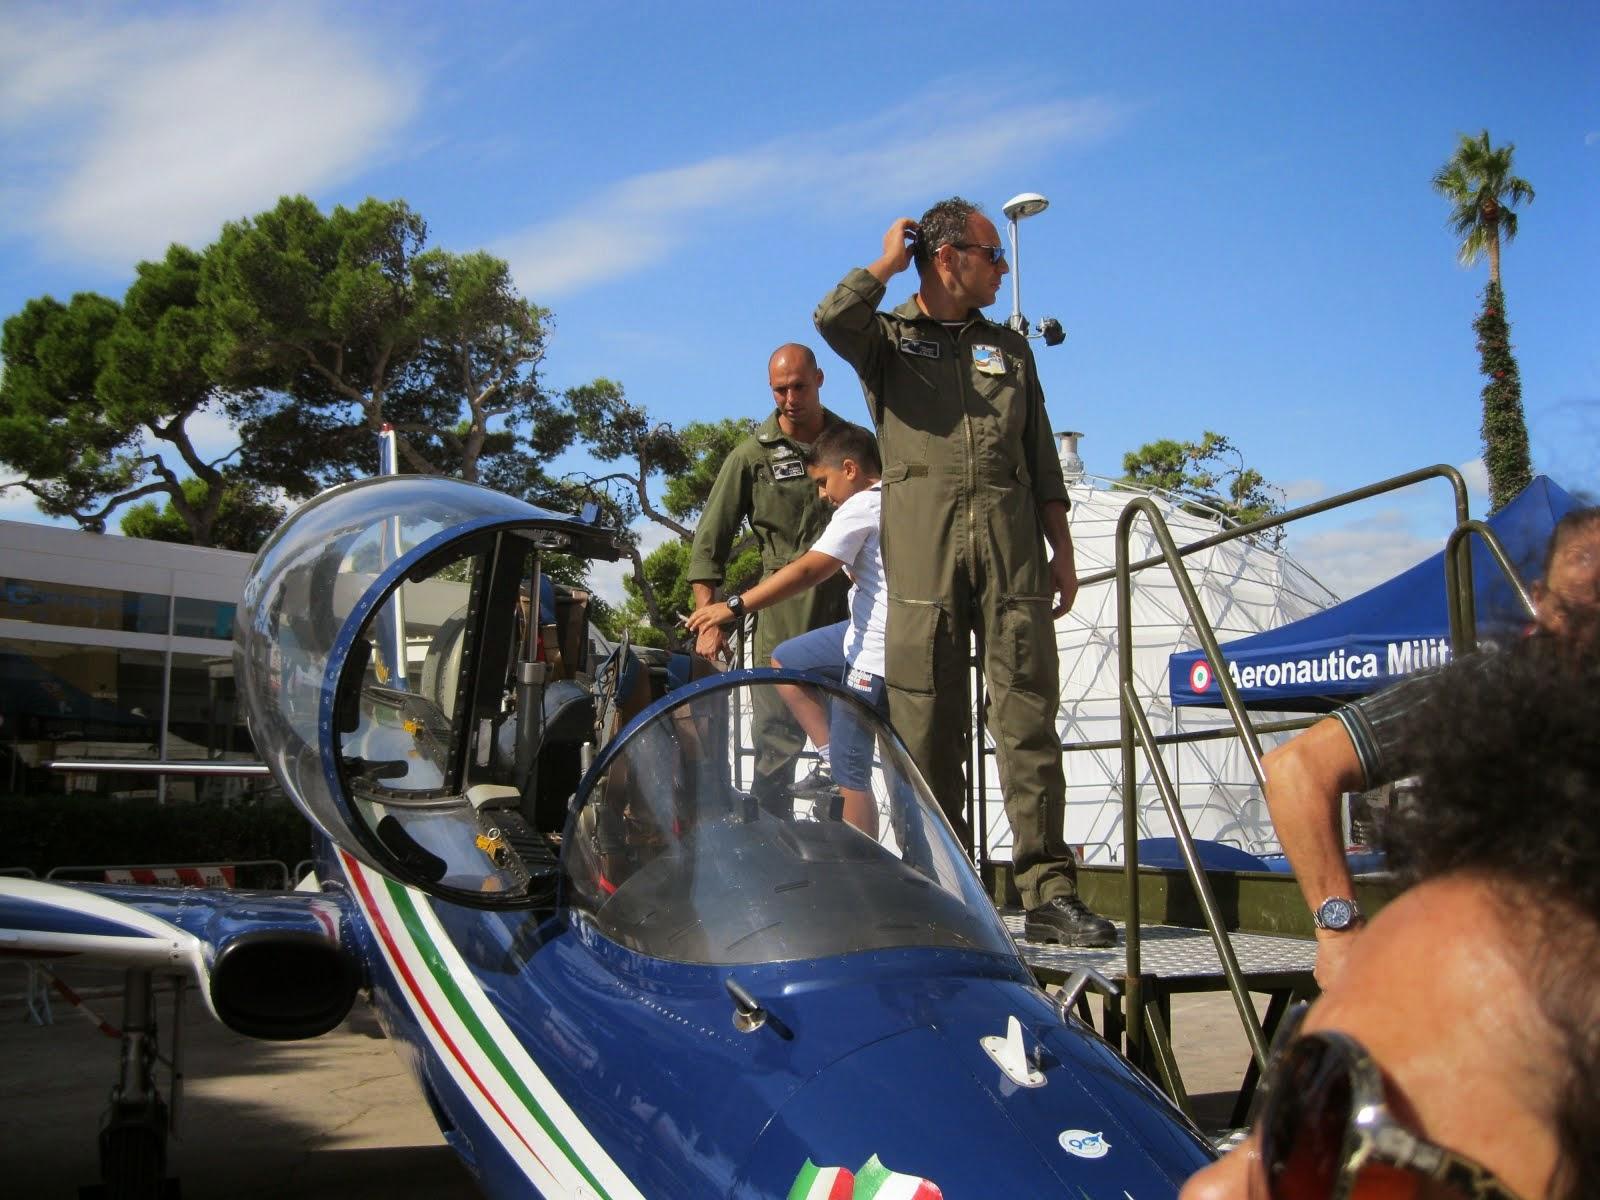 Istruttori piloti tra il pubblico...